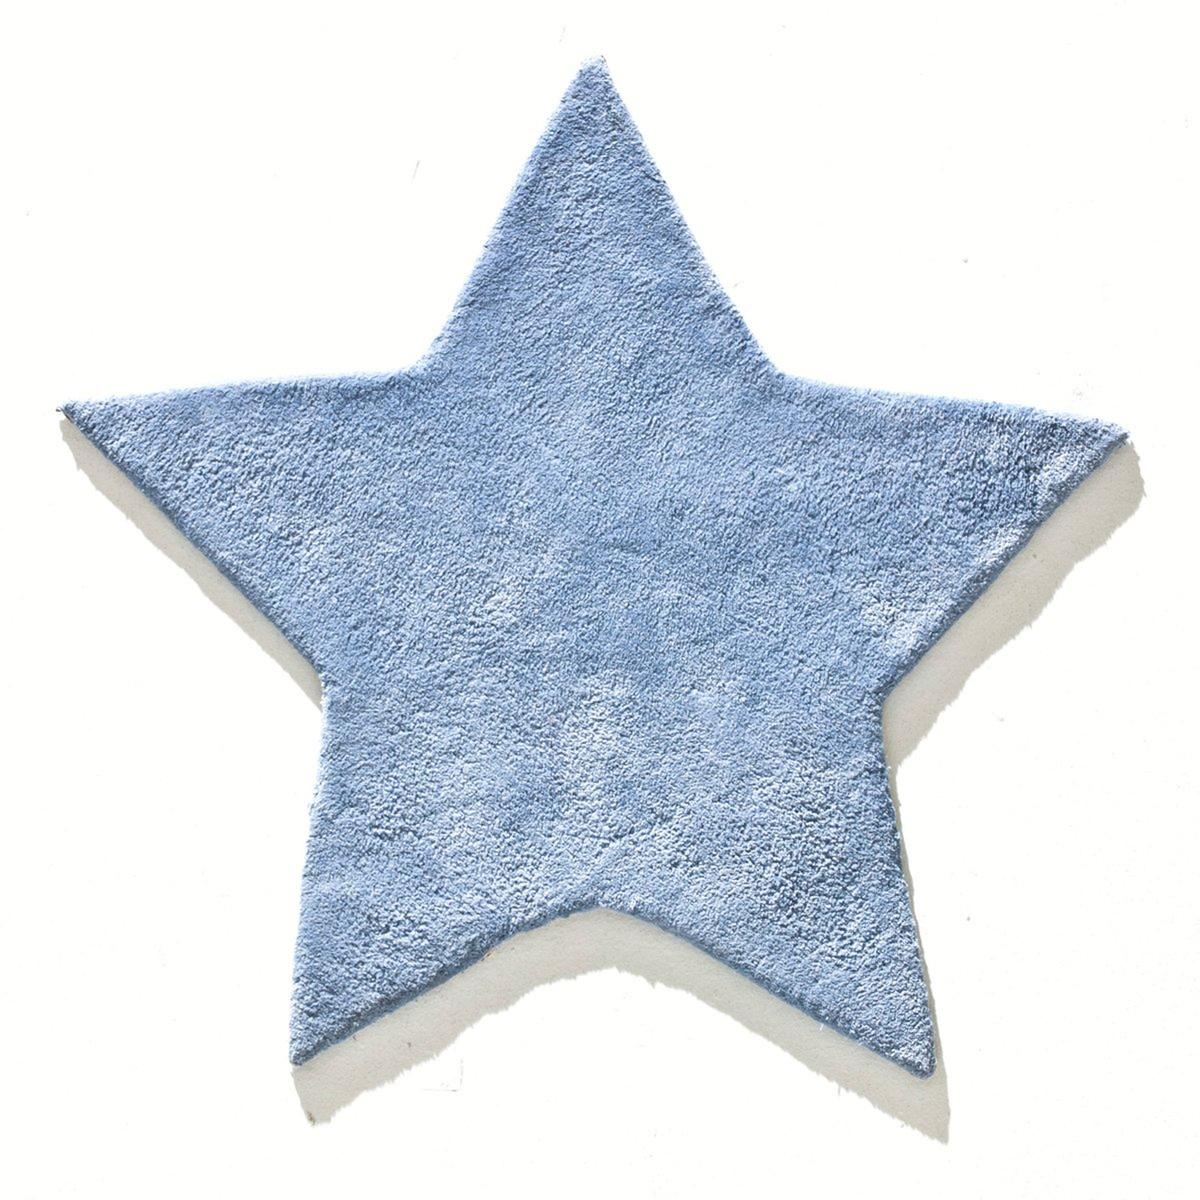 Ковер для детской звезда из хлопковой ткани, Zilius, 100% хлопкаХарактеристики ковра Zilius :100% хлопковая ткань. 4000 г/м?.Другие модели ковров для детской и всю коллекцию ковров вы можете найти на сайте laredoute.ru.Размеры ковра Zilius :Диаметр 85 смСоветы по уходу :У ковров из хлопка в первые месяцы использования допускается технический сход ворса. Это не дефект производства. Это явление обычно проходит после одного-двух проходов коврика пылесосом (всегда двигайте пылесос в направлении ворса и никогда против ворса).<br><br>Цвет: темно-синий<br>Размер: единый размер